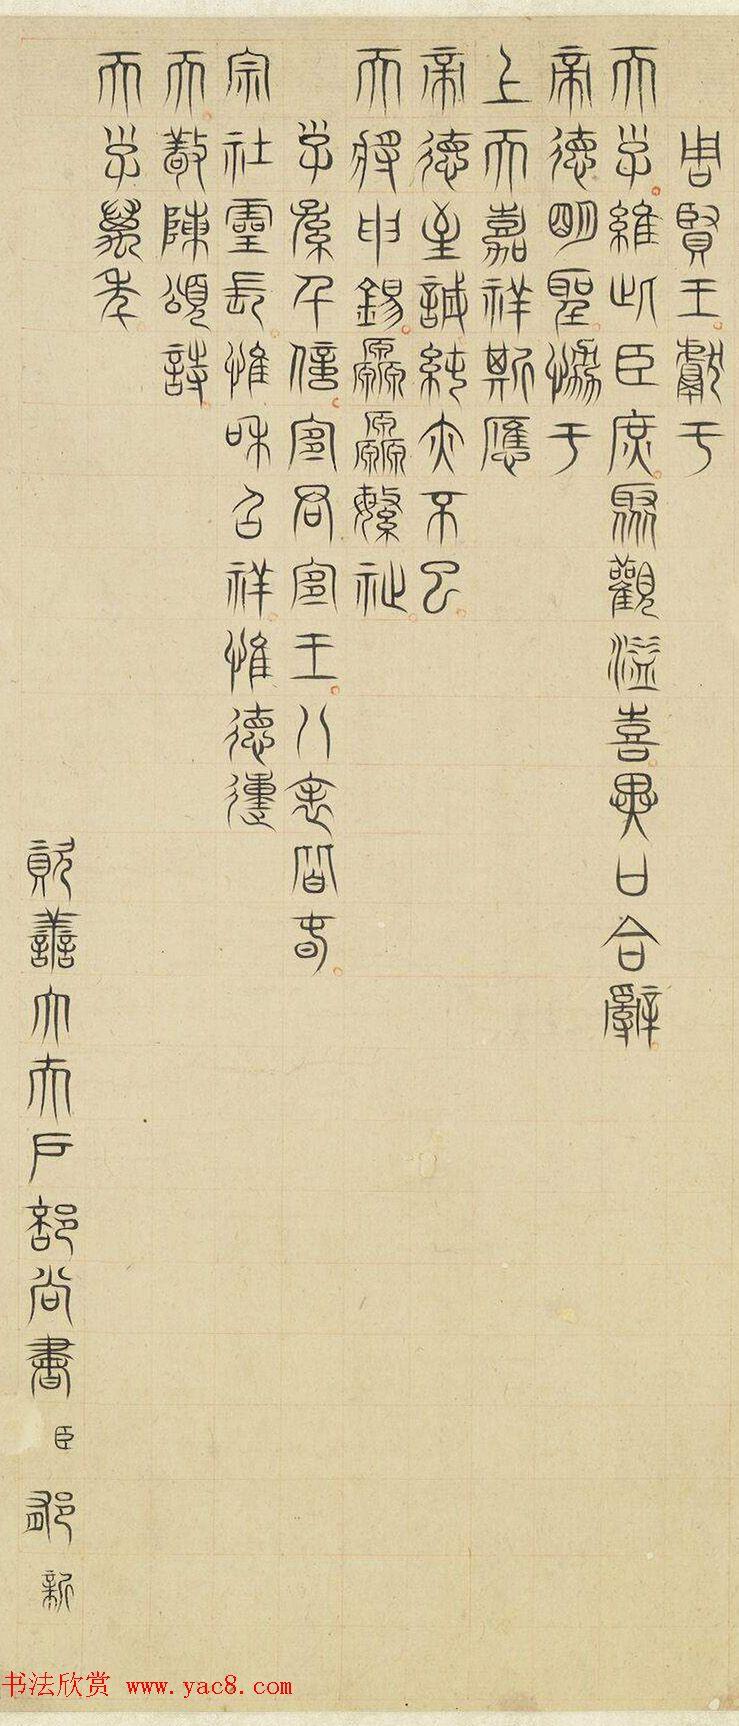 明人篆隶楷三体书法《驺虞诗》